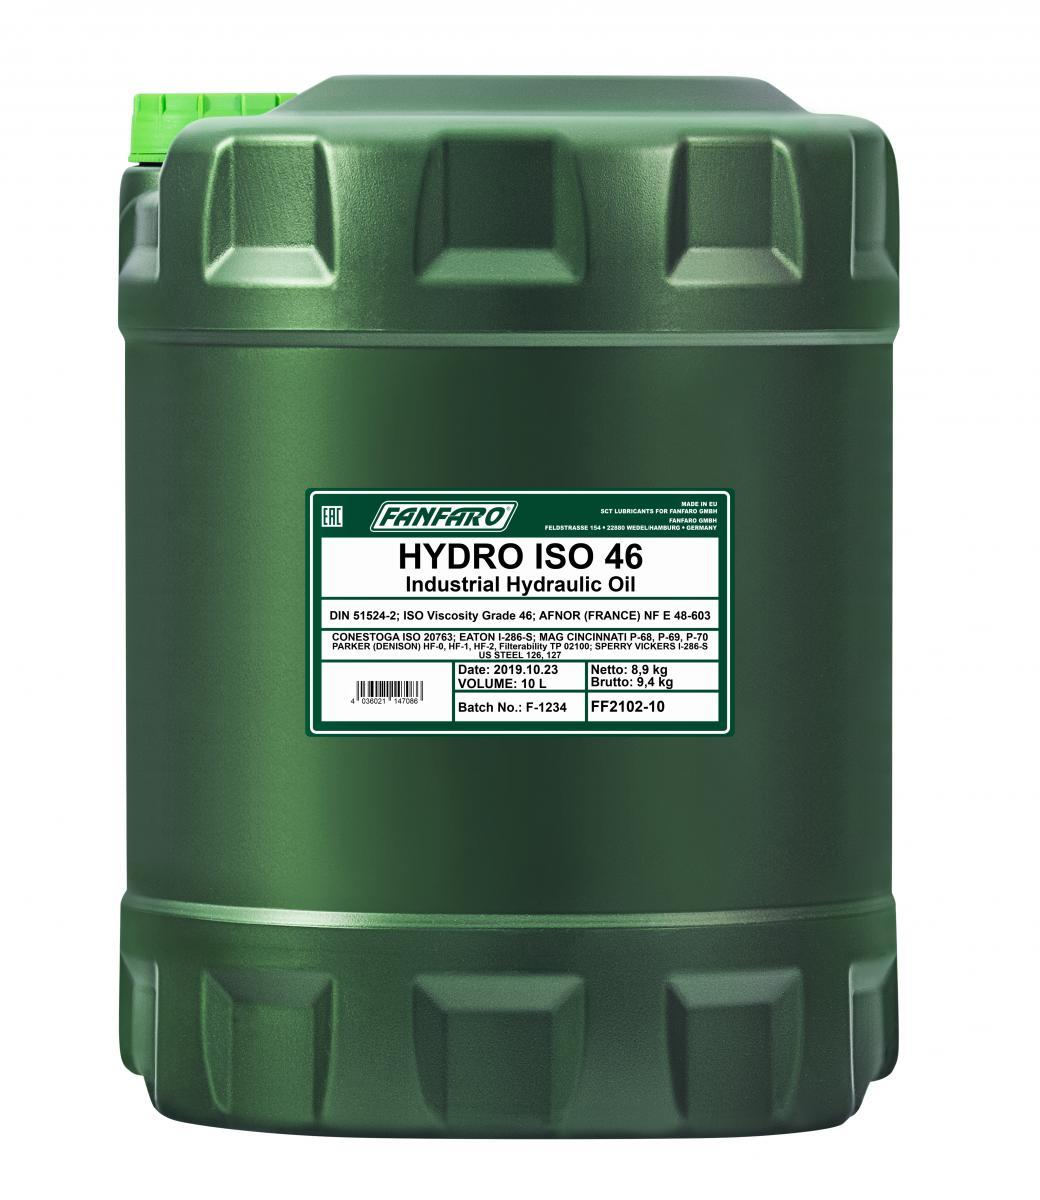 Compre FANFARO Óleo hidráulico FF2102-10 caminhonete